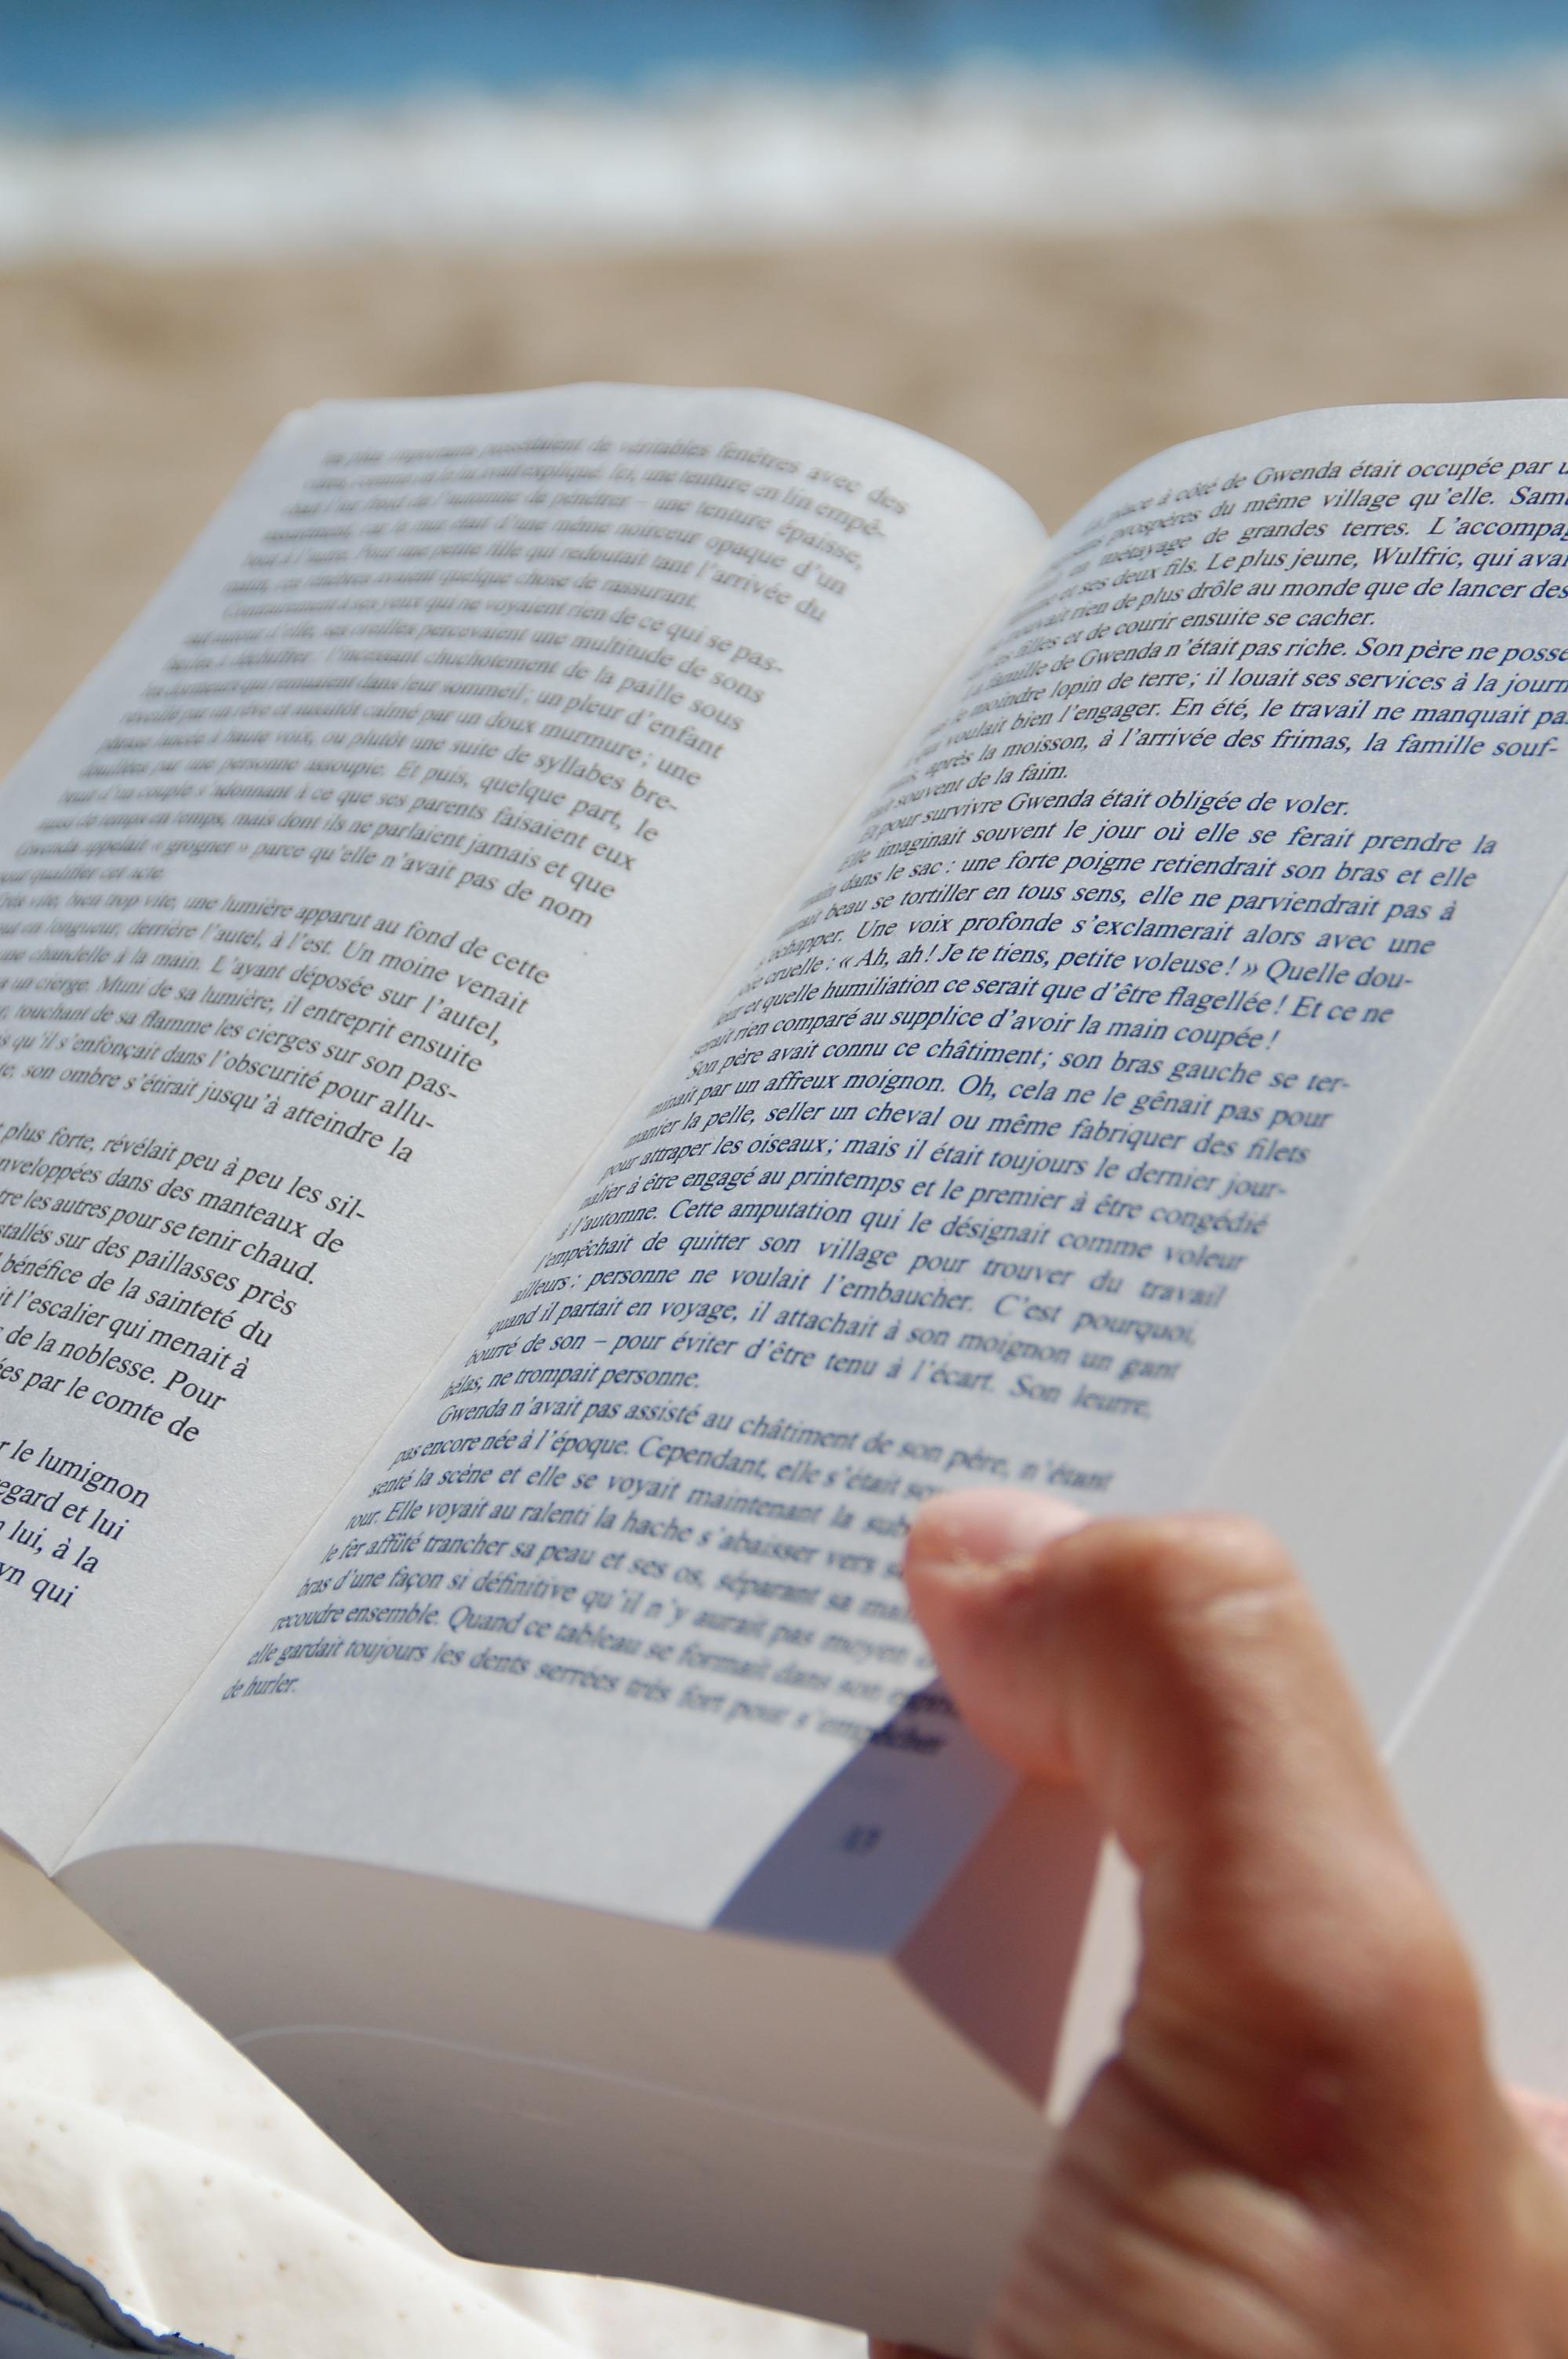 die kunst aus der hand zu lesen